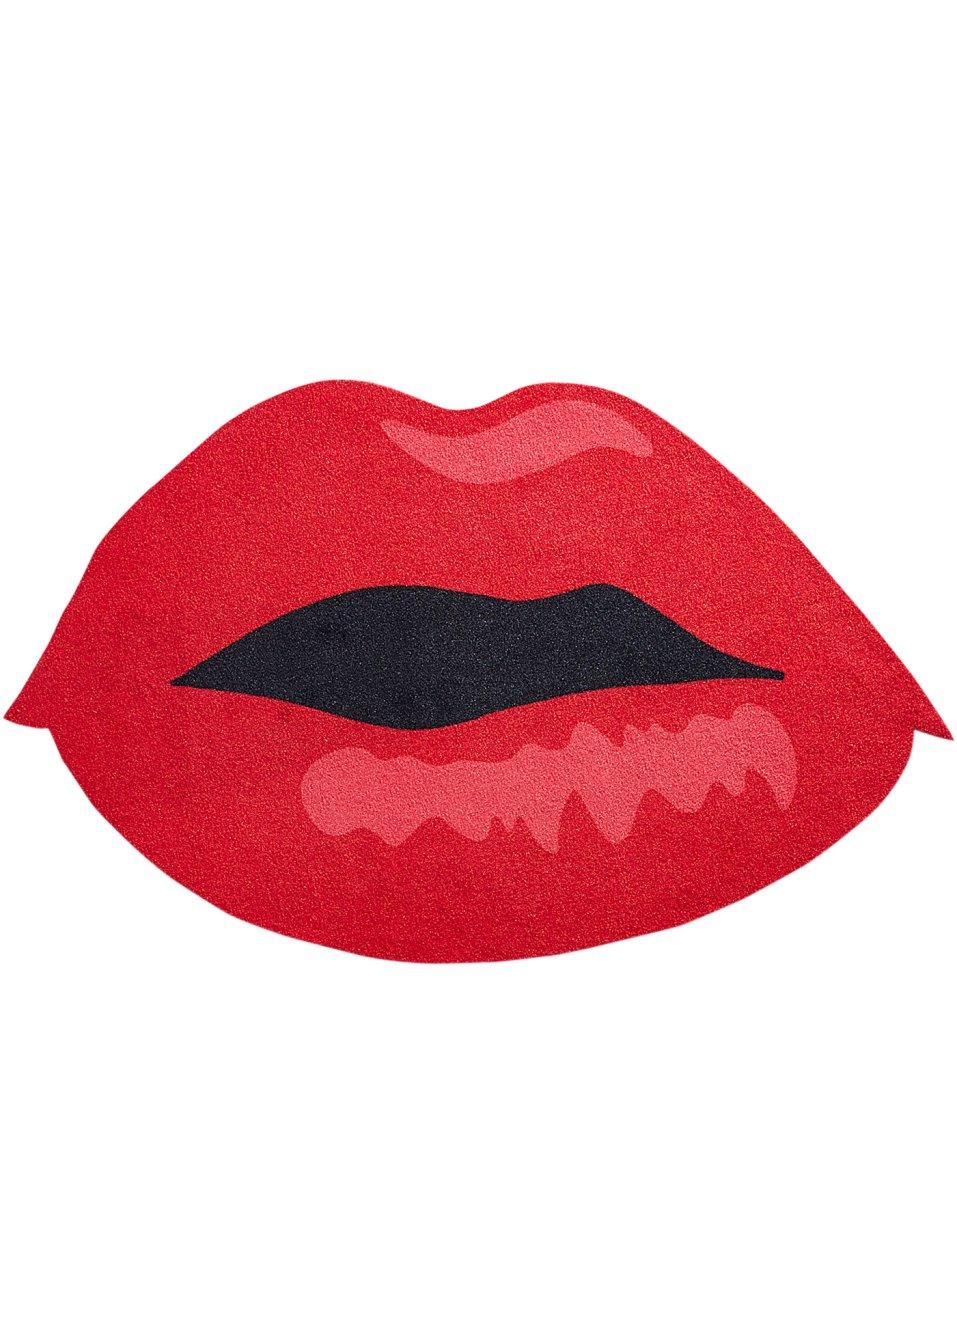 Tapis de protection bouche rouge bpc living commande online - Bonprix suivi de commande ...